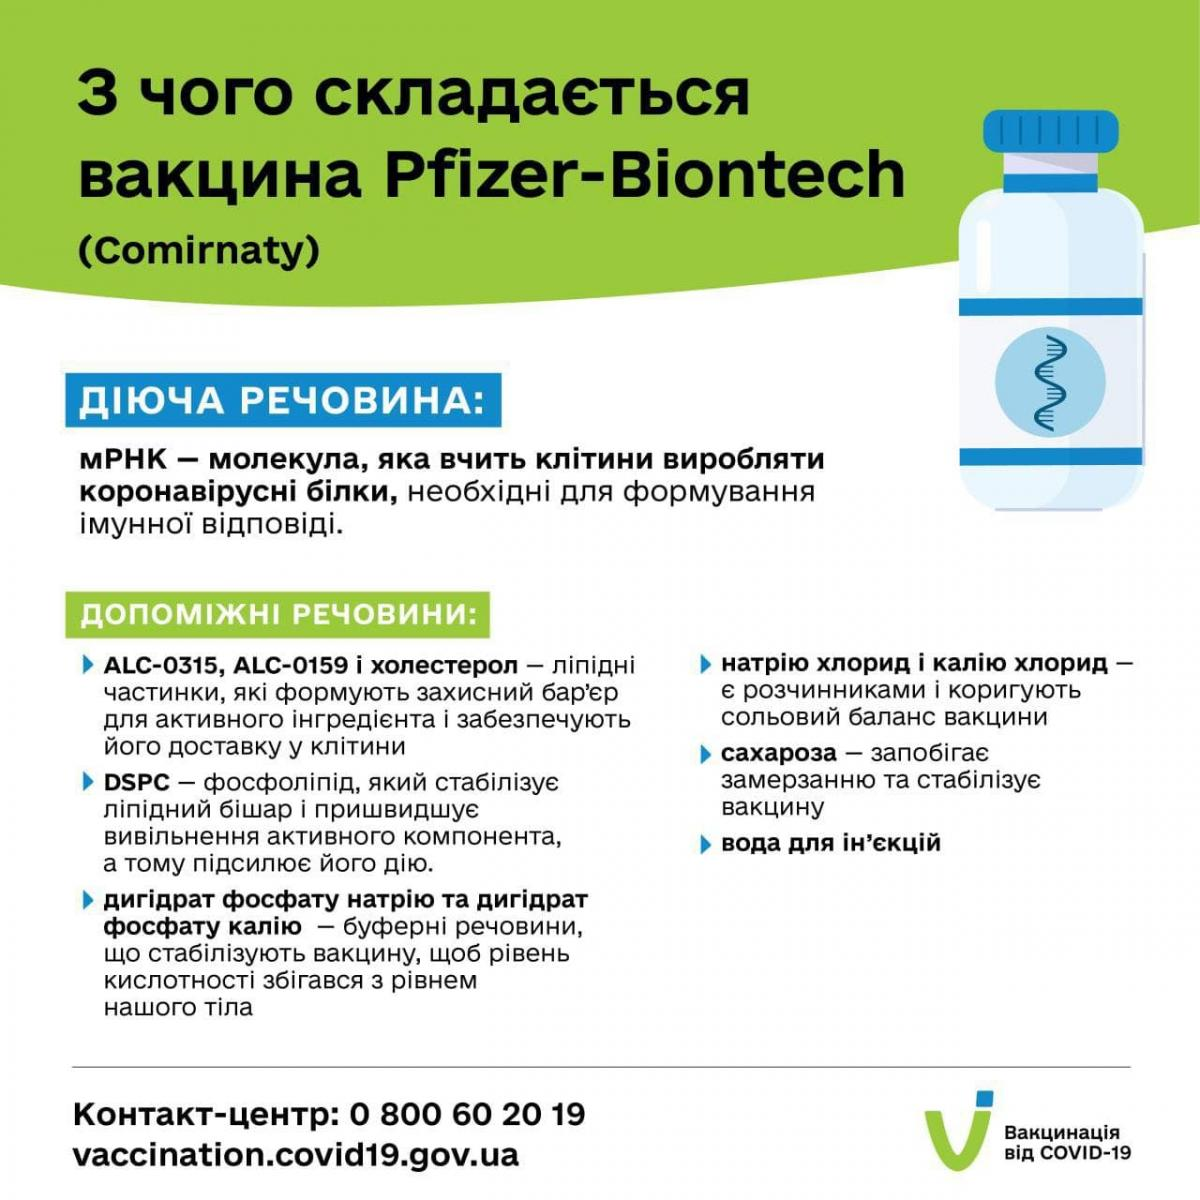 ВакцинаPfizer / МОЗ